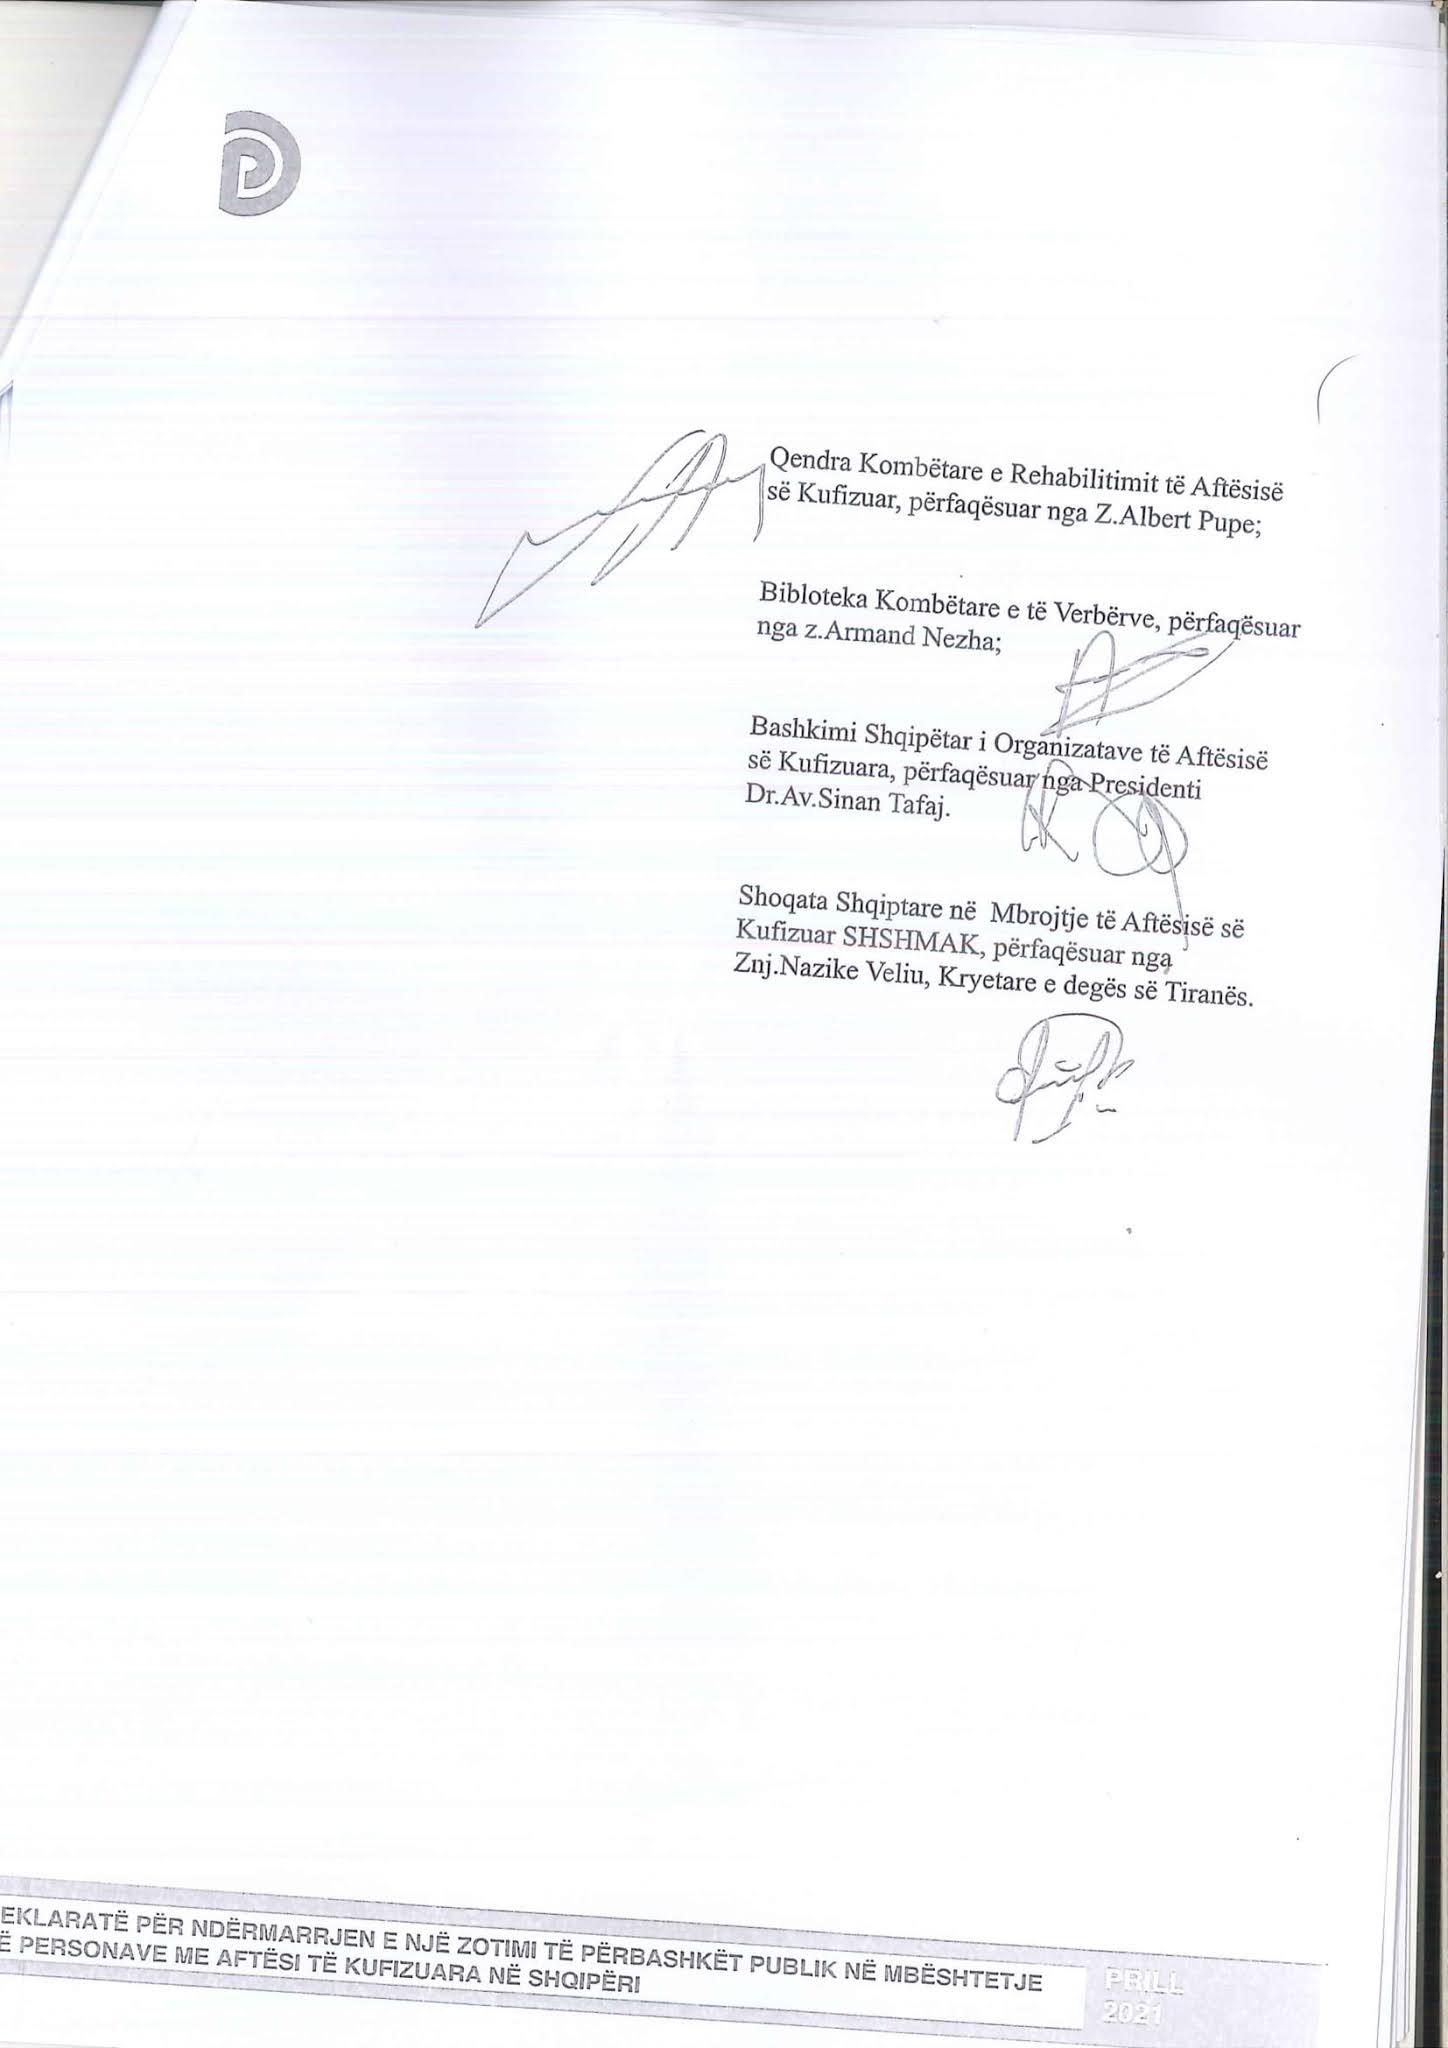 Kopje origjinale e marrëveshjes e skanuar faqja 9